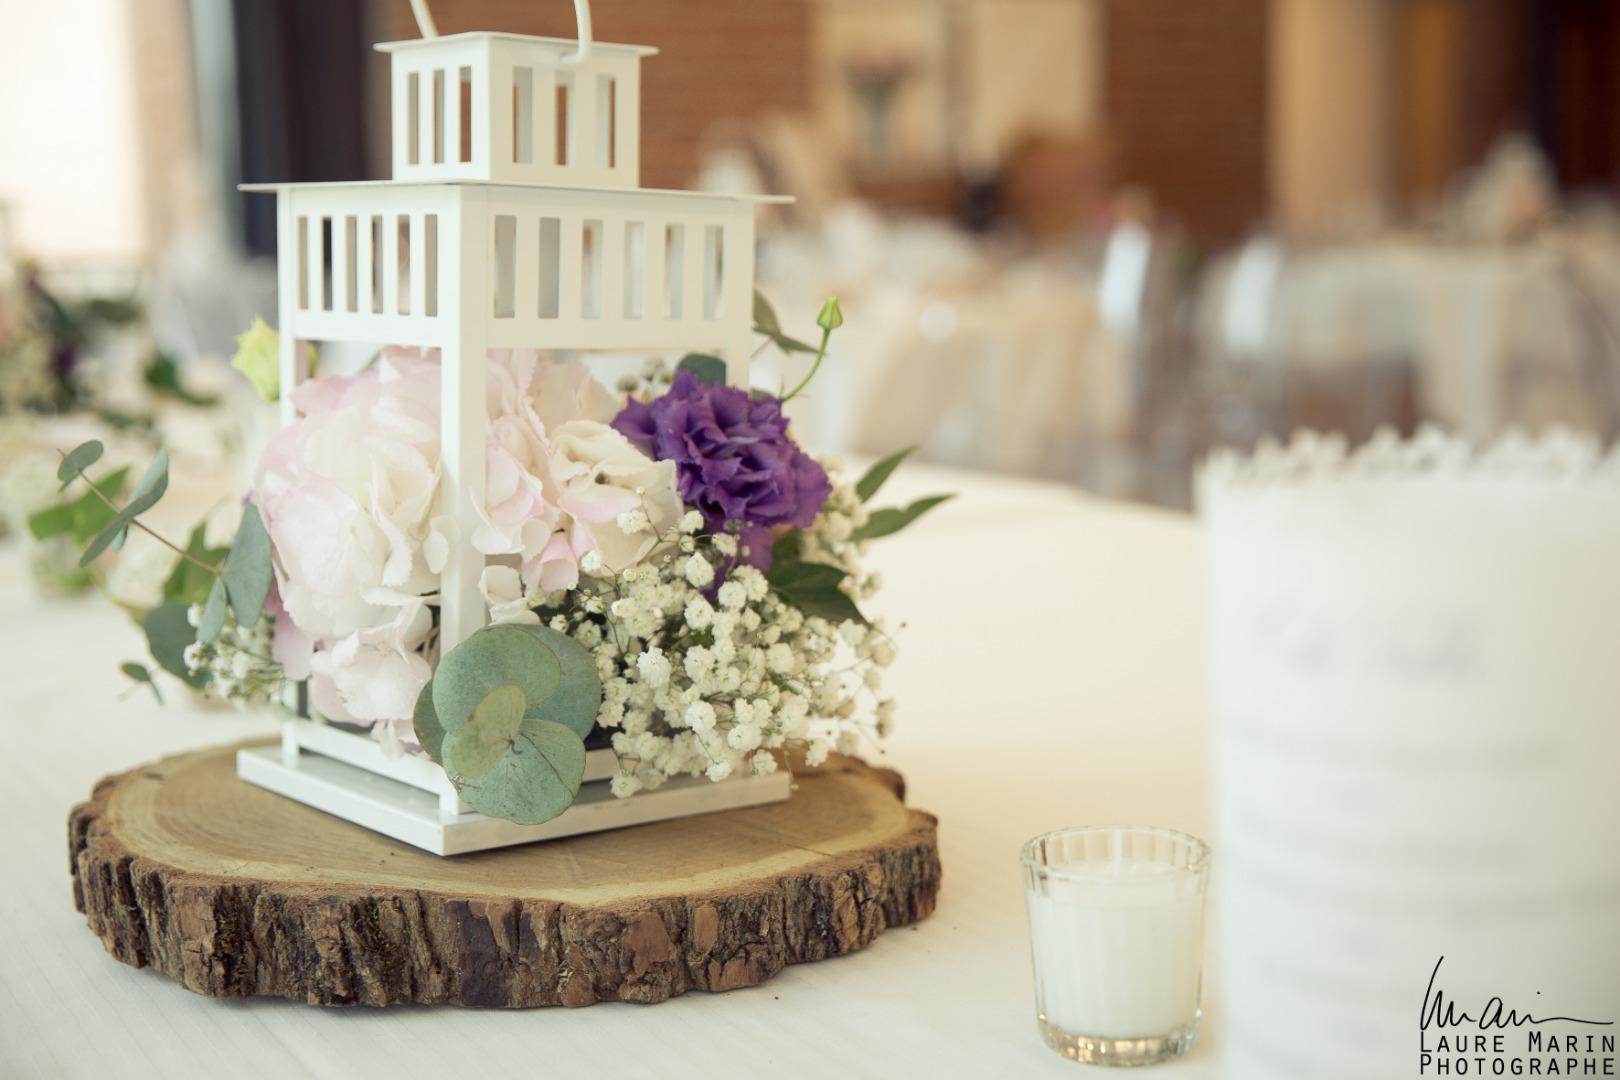 Décoraction de table lanterne fleurie violet et blan Occitanie La Dolce Vita mariages.jpg